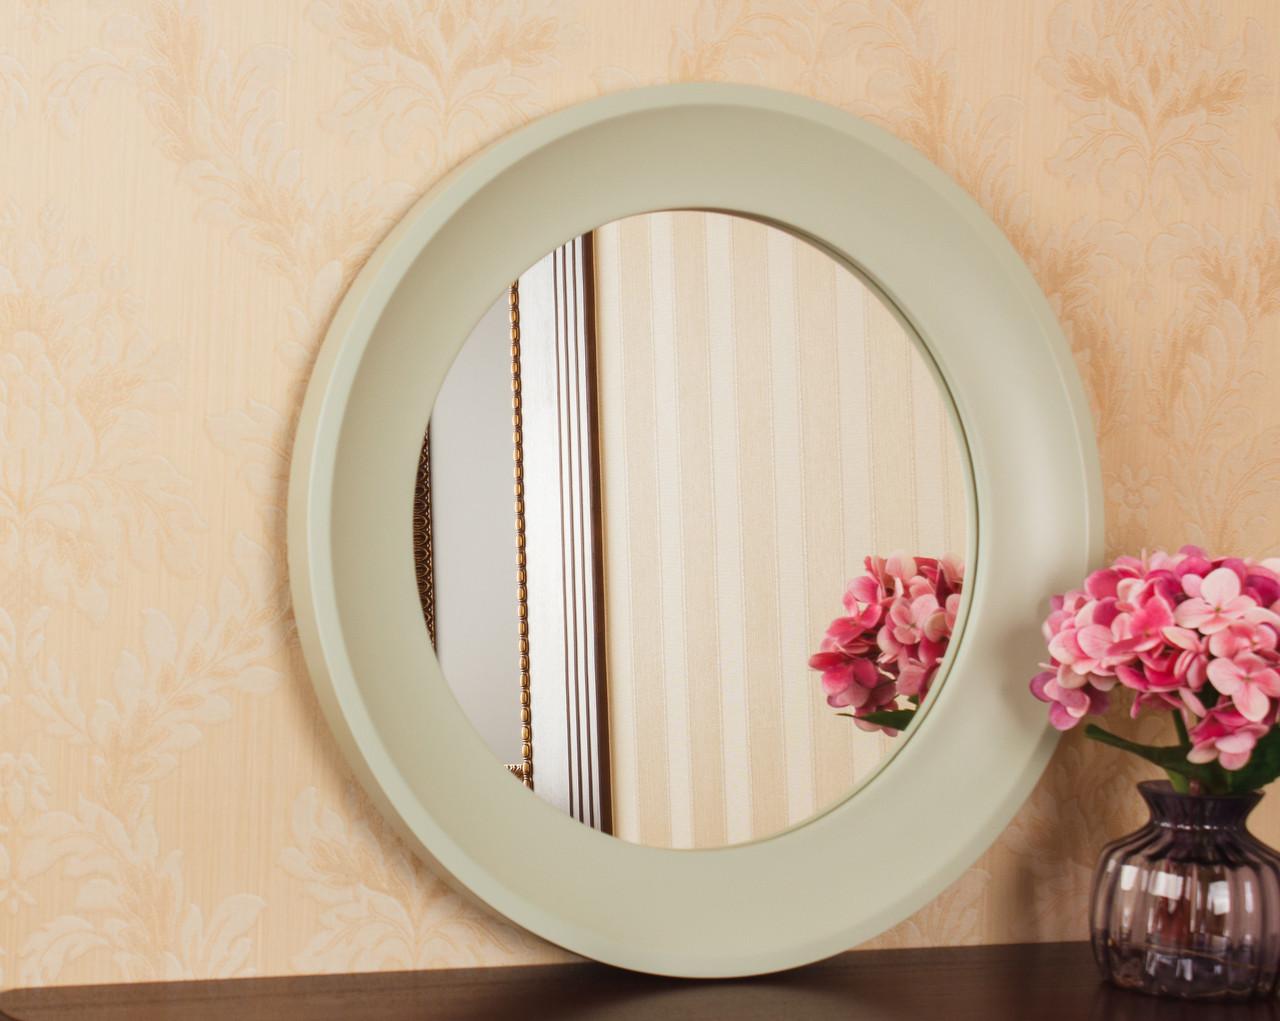 Зеркало в рамке цвет нежно-оливковый/Диаметр 1000 мм/ Зеркало круглое для спальни/ Код MD 3.1/7